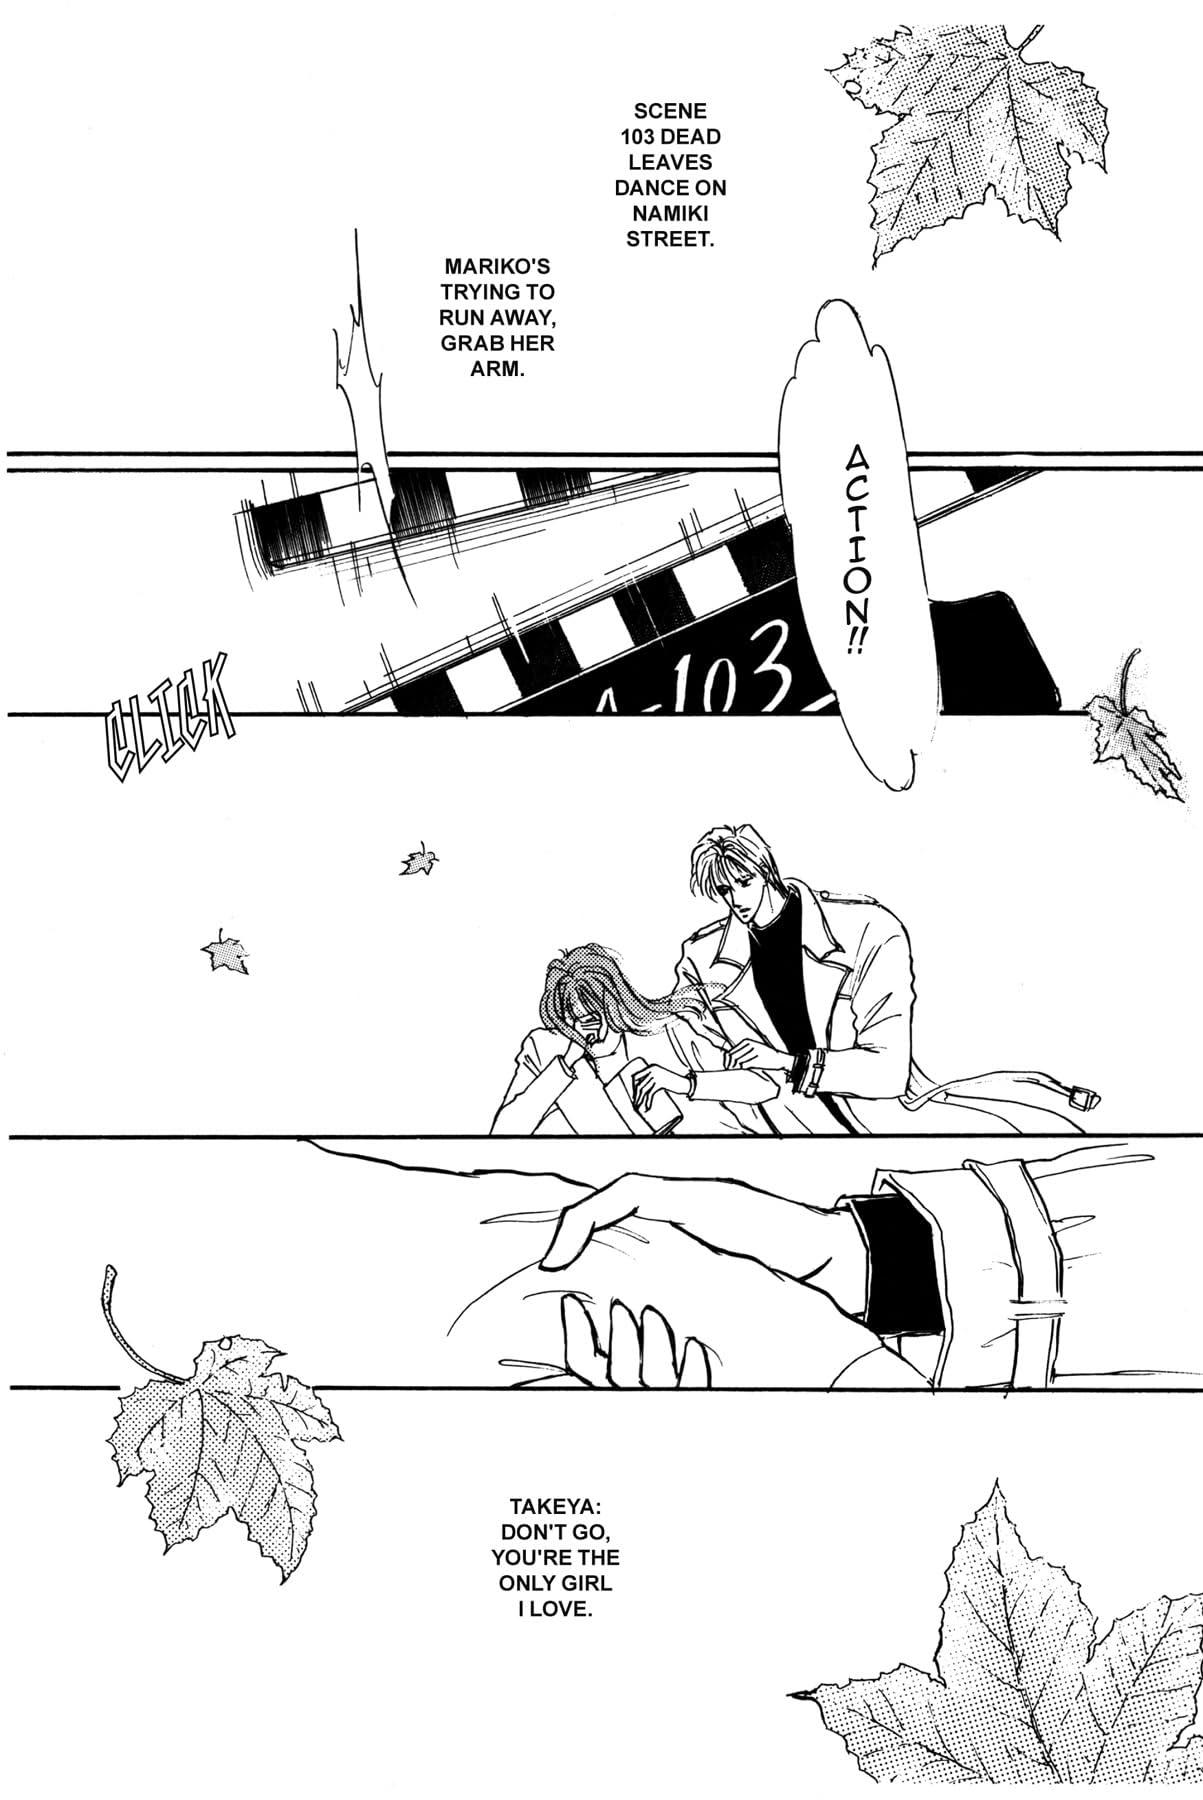 KYOKO SHIMAZU AUTHOR'S EDITION #16